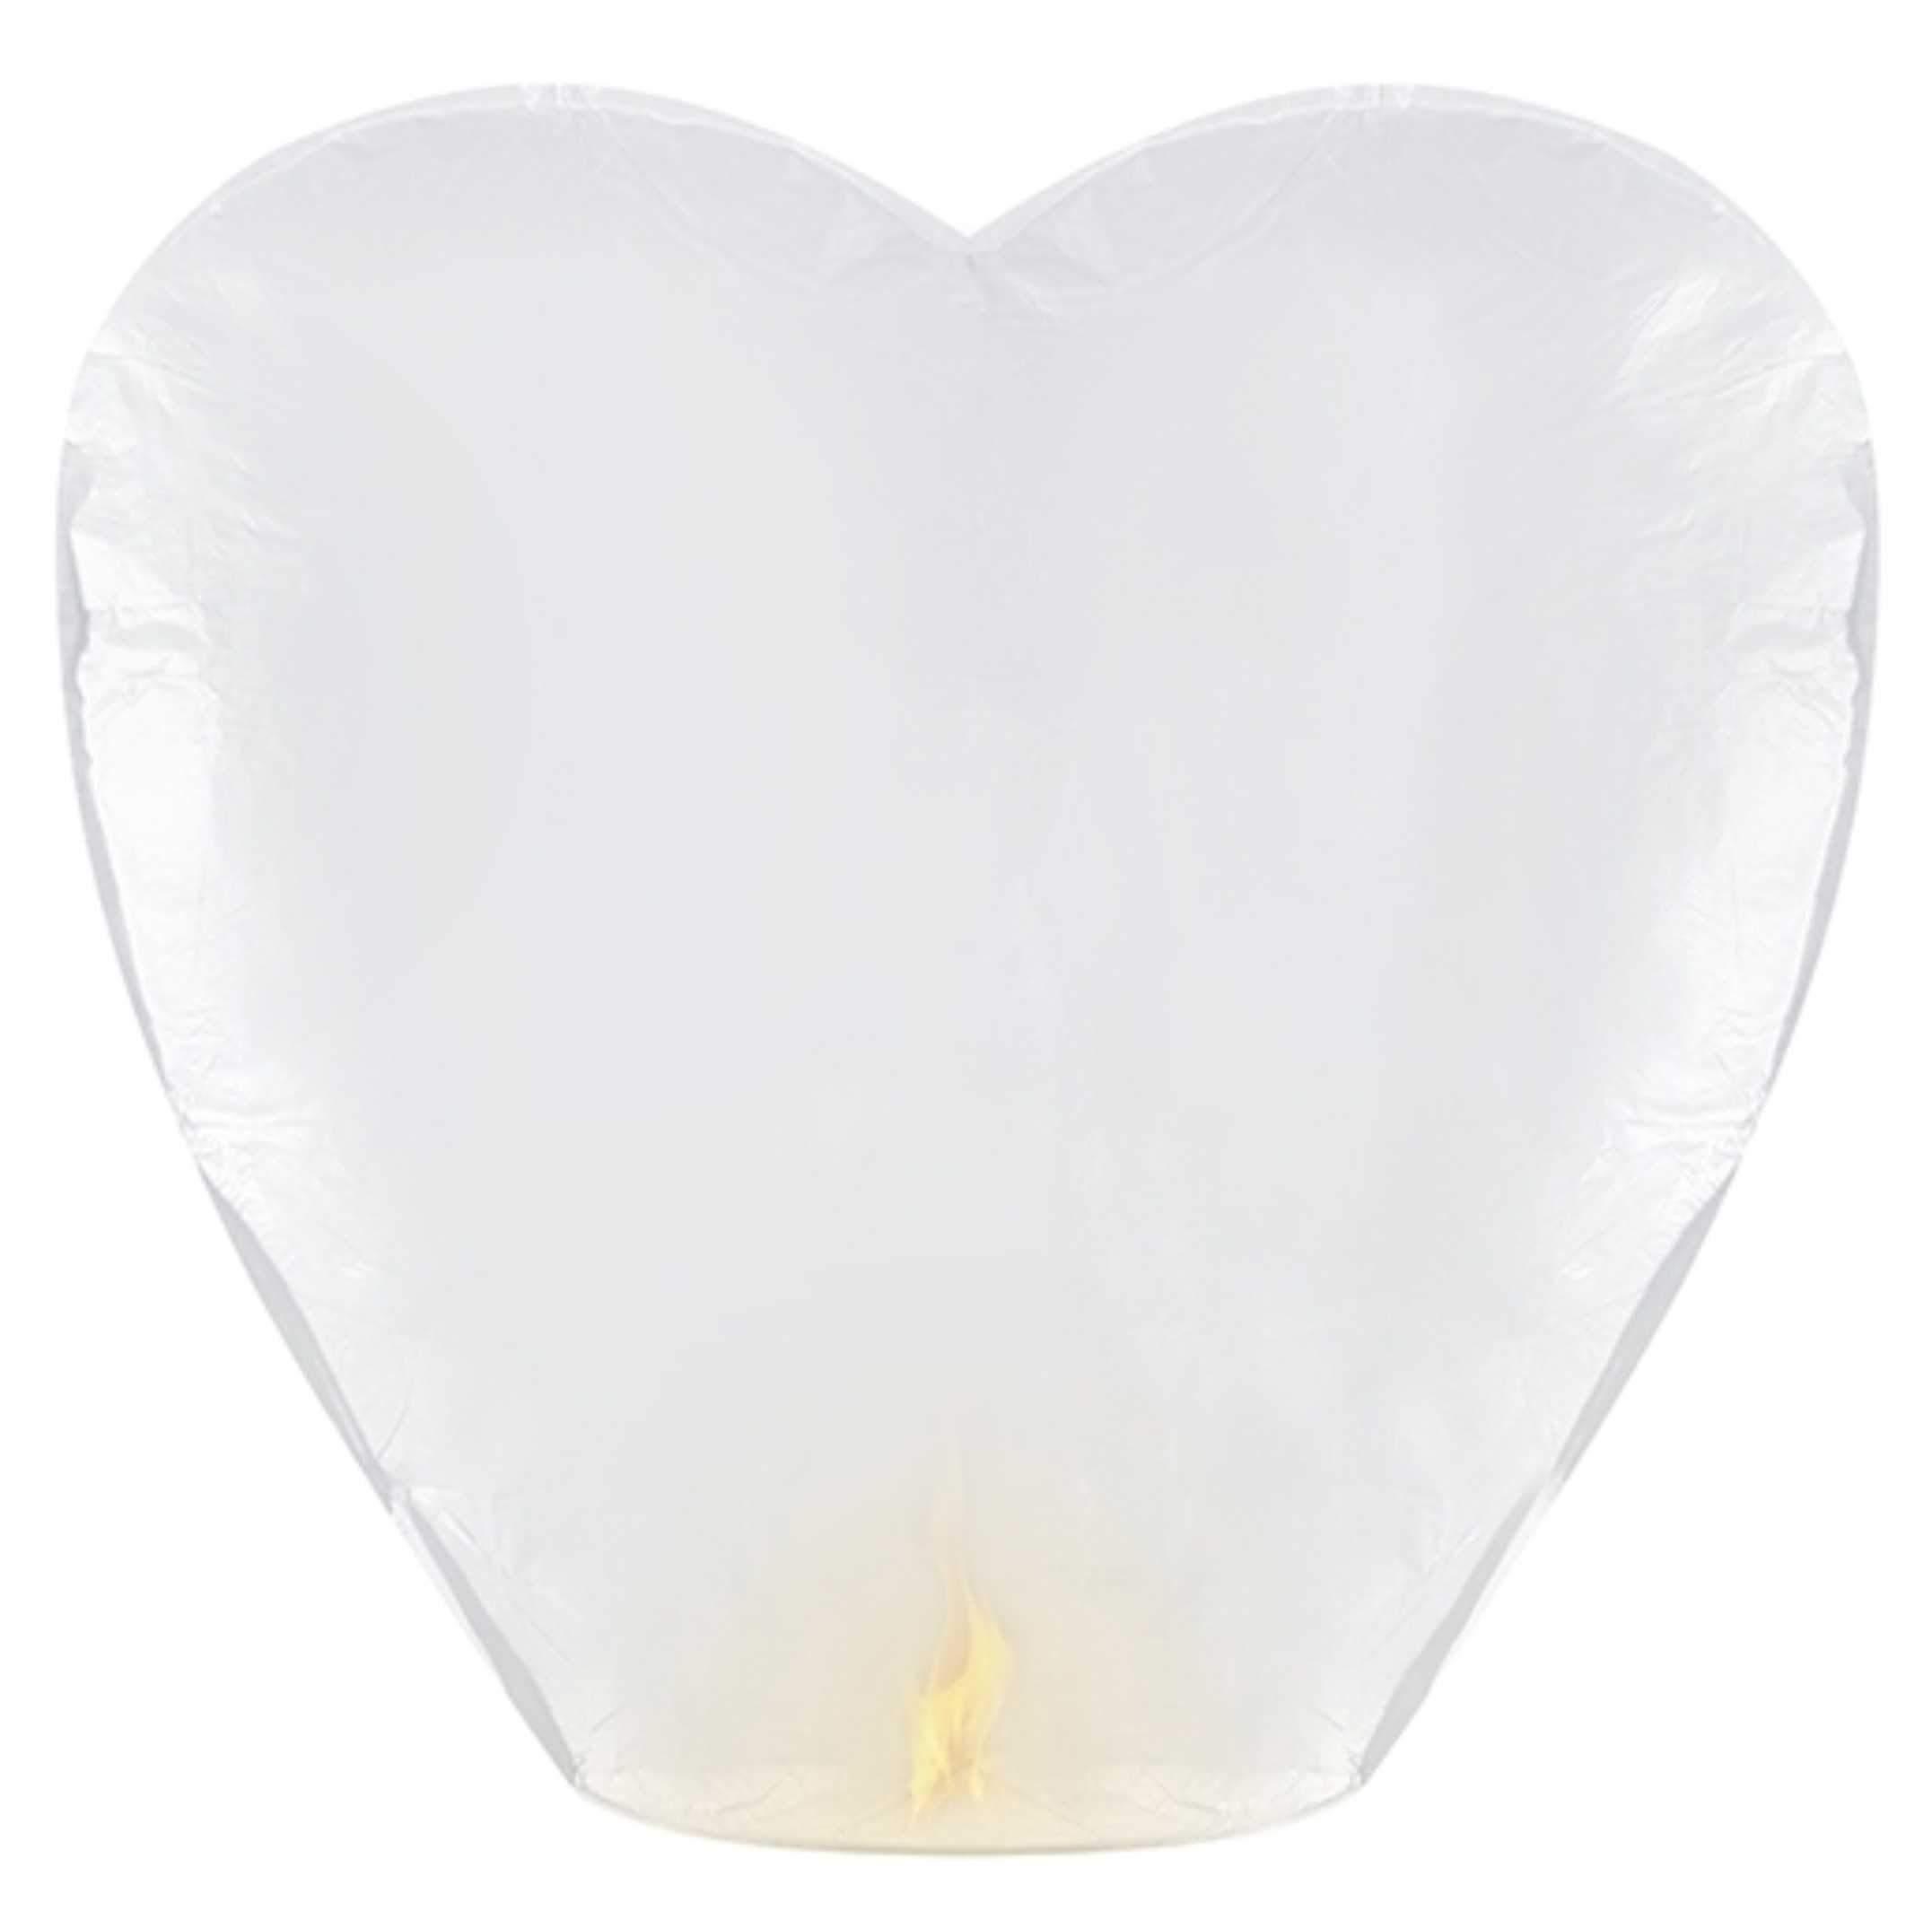 Χάρτινο Ιπτάμενο Φαναράκι καρδιά